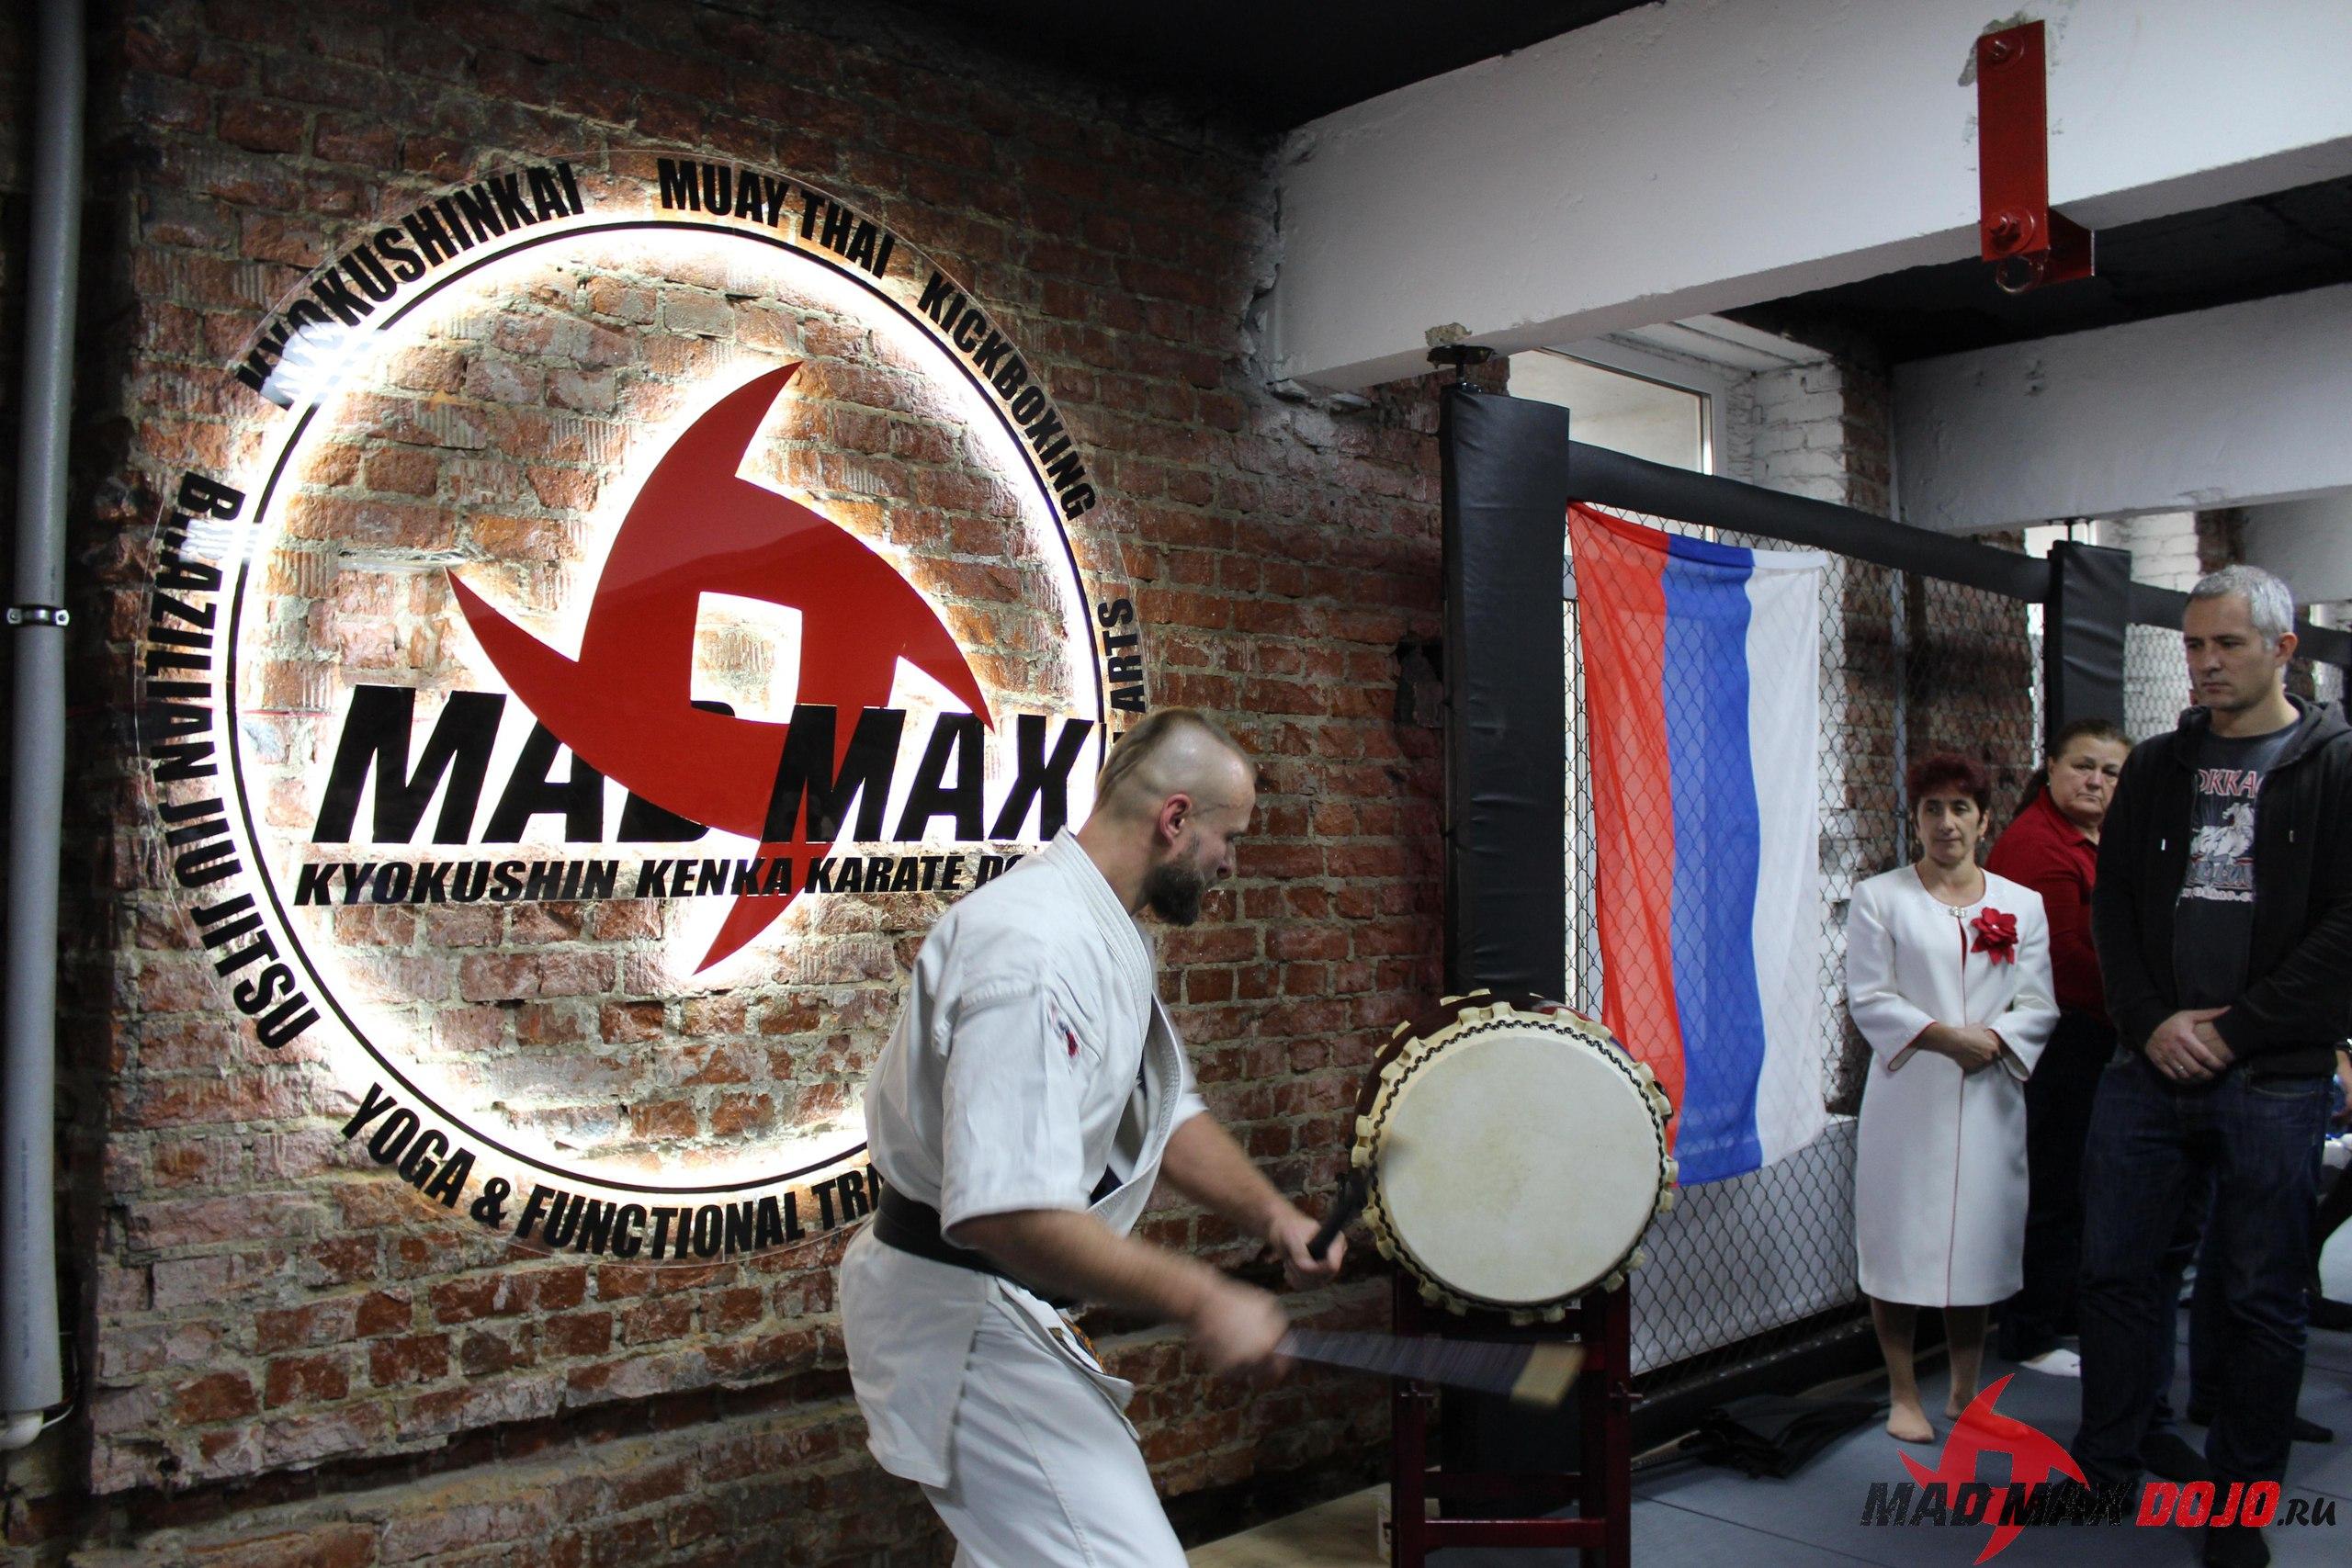 открытие зала mad max dojo